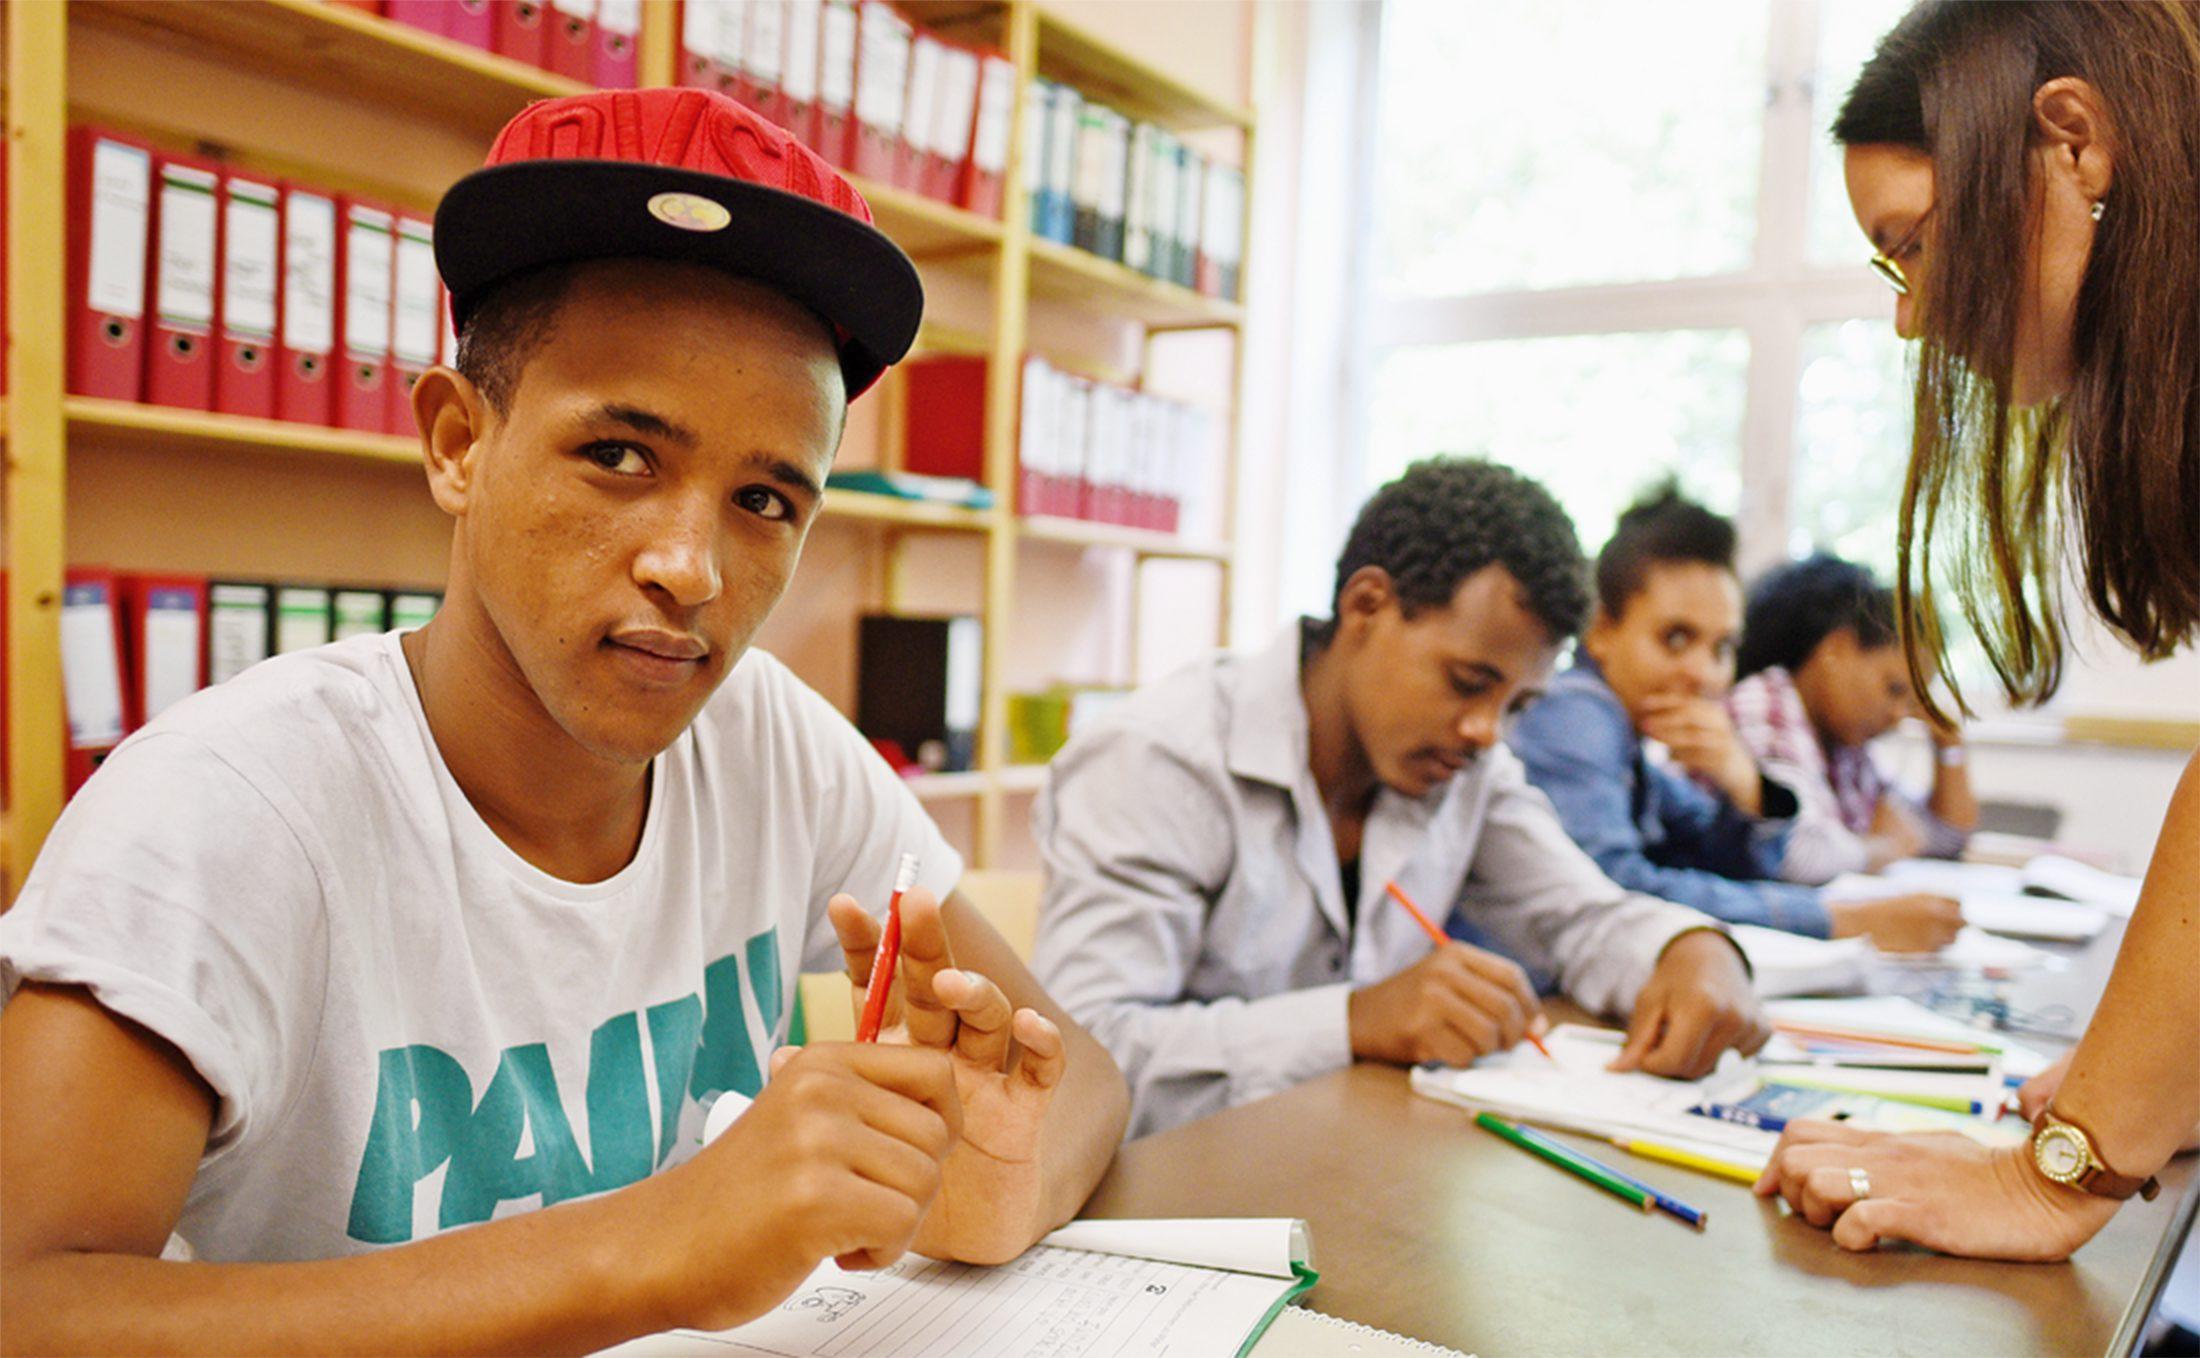 auffangen-oder-willkommen-heissen geflüchtete an deutschen schulen